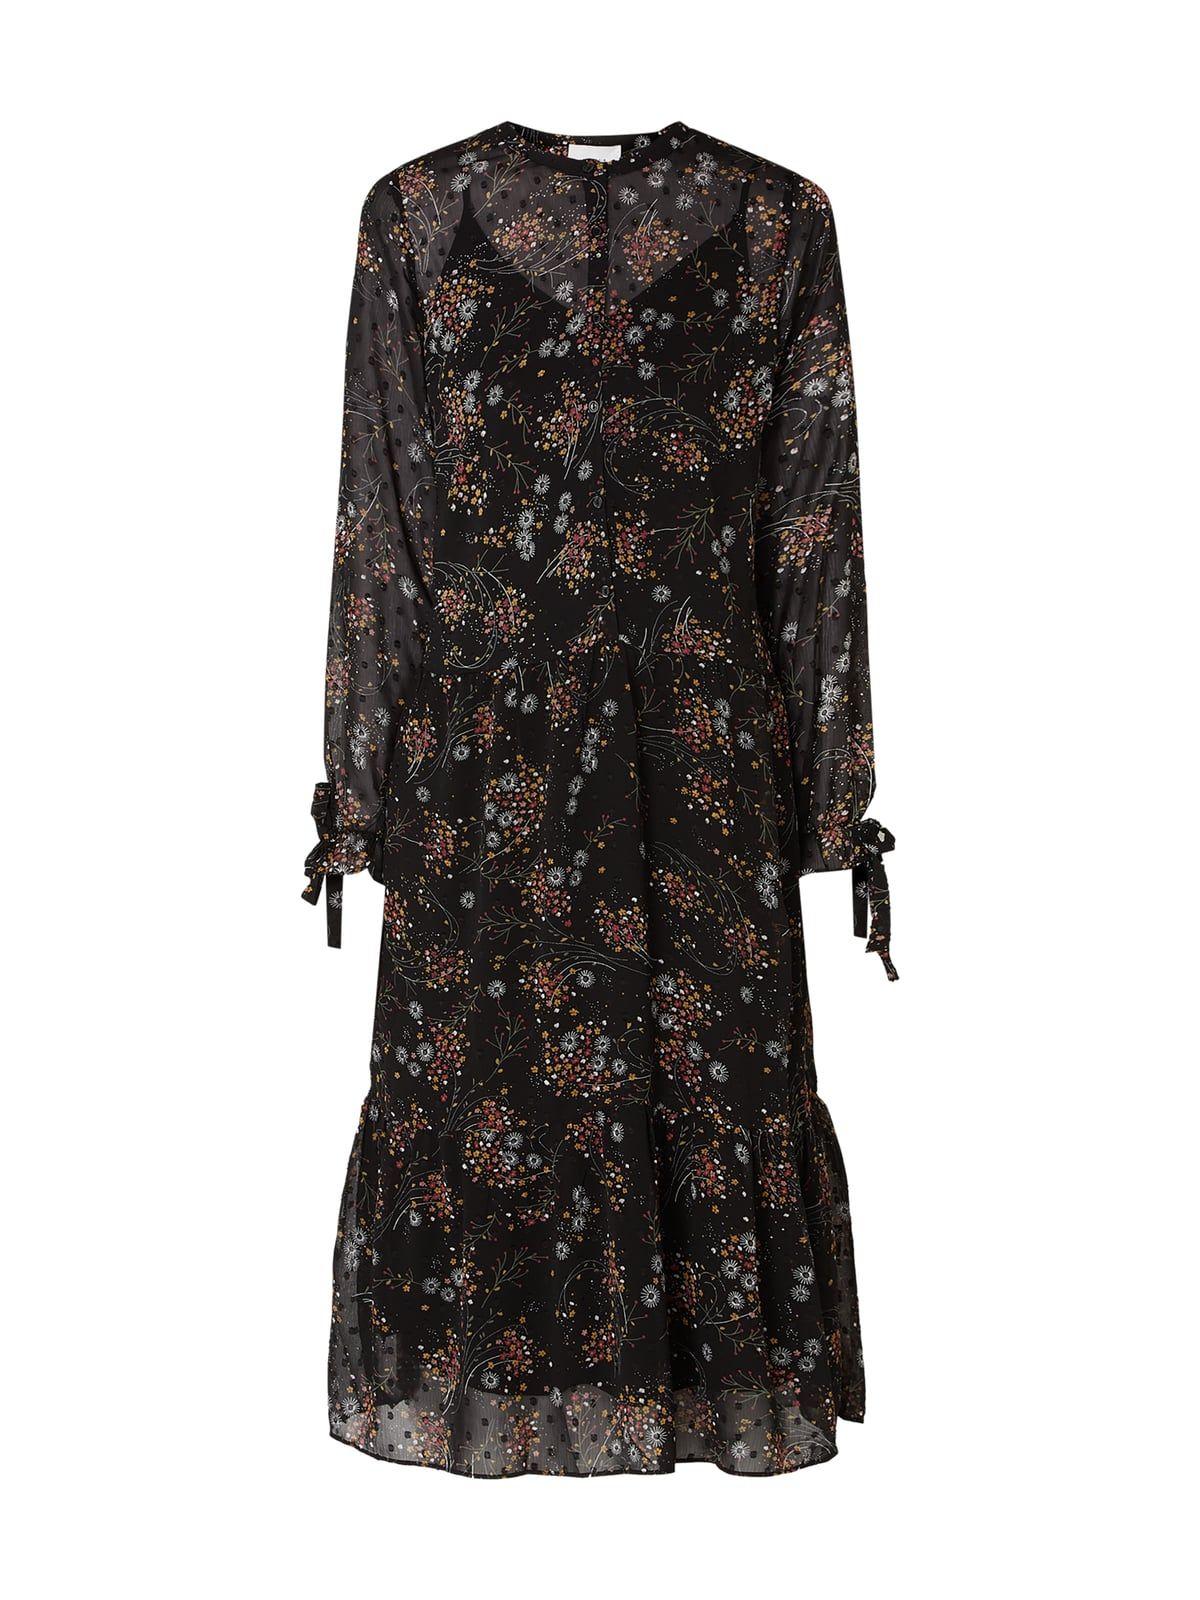 neo noir kleid mit floralem muster in grau / schwarz online